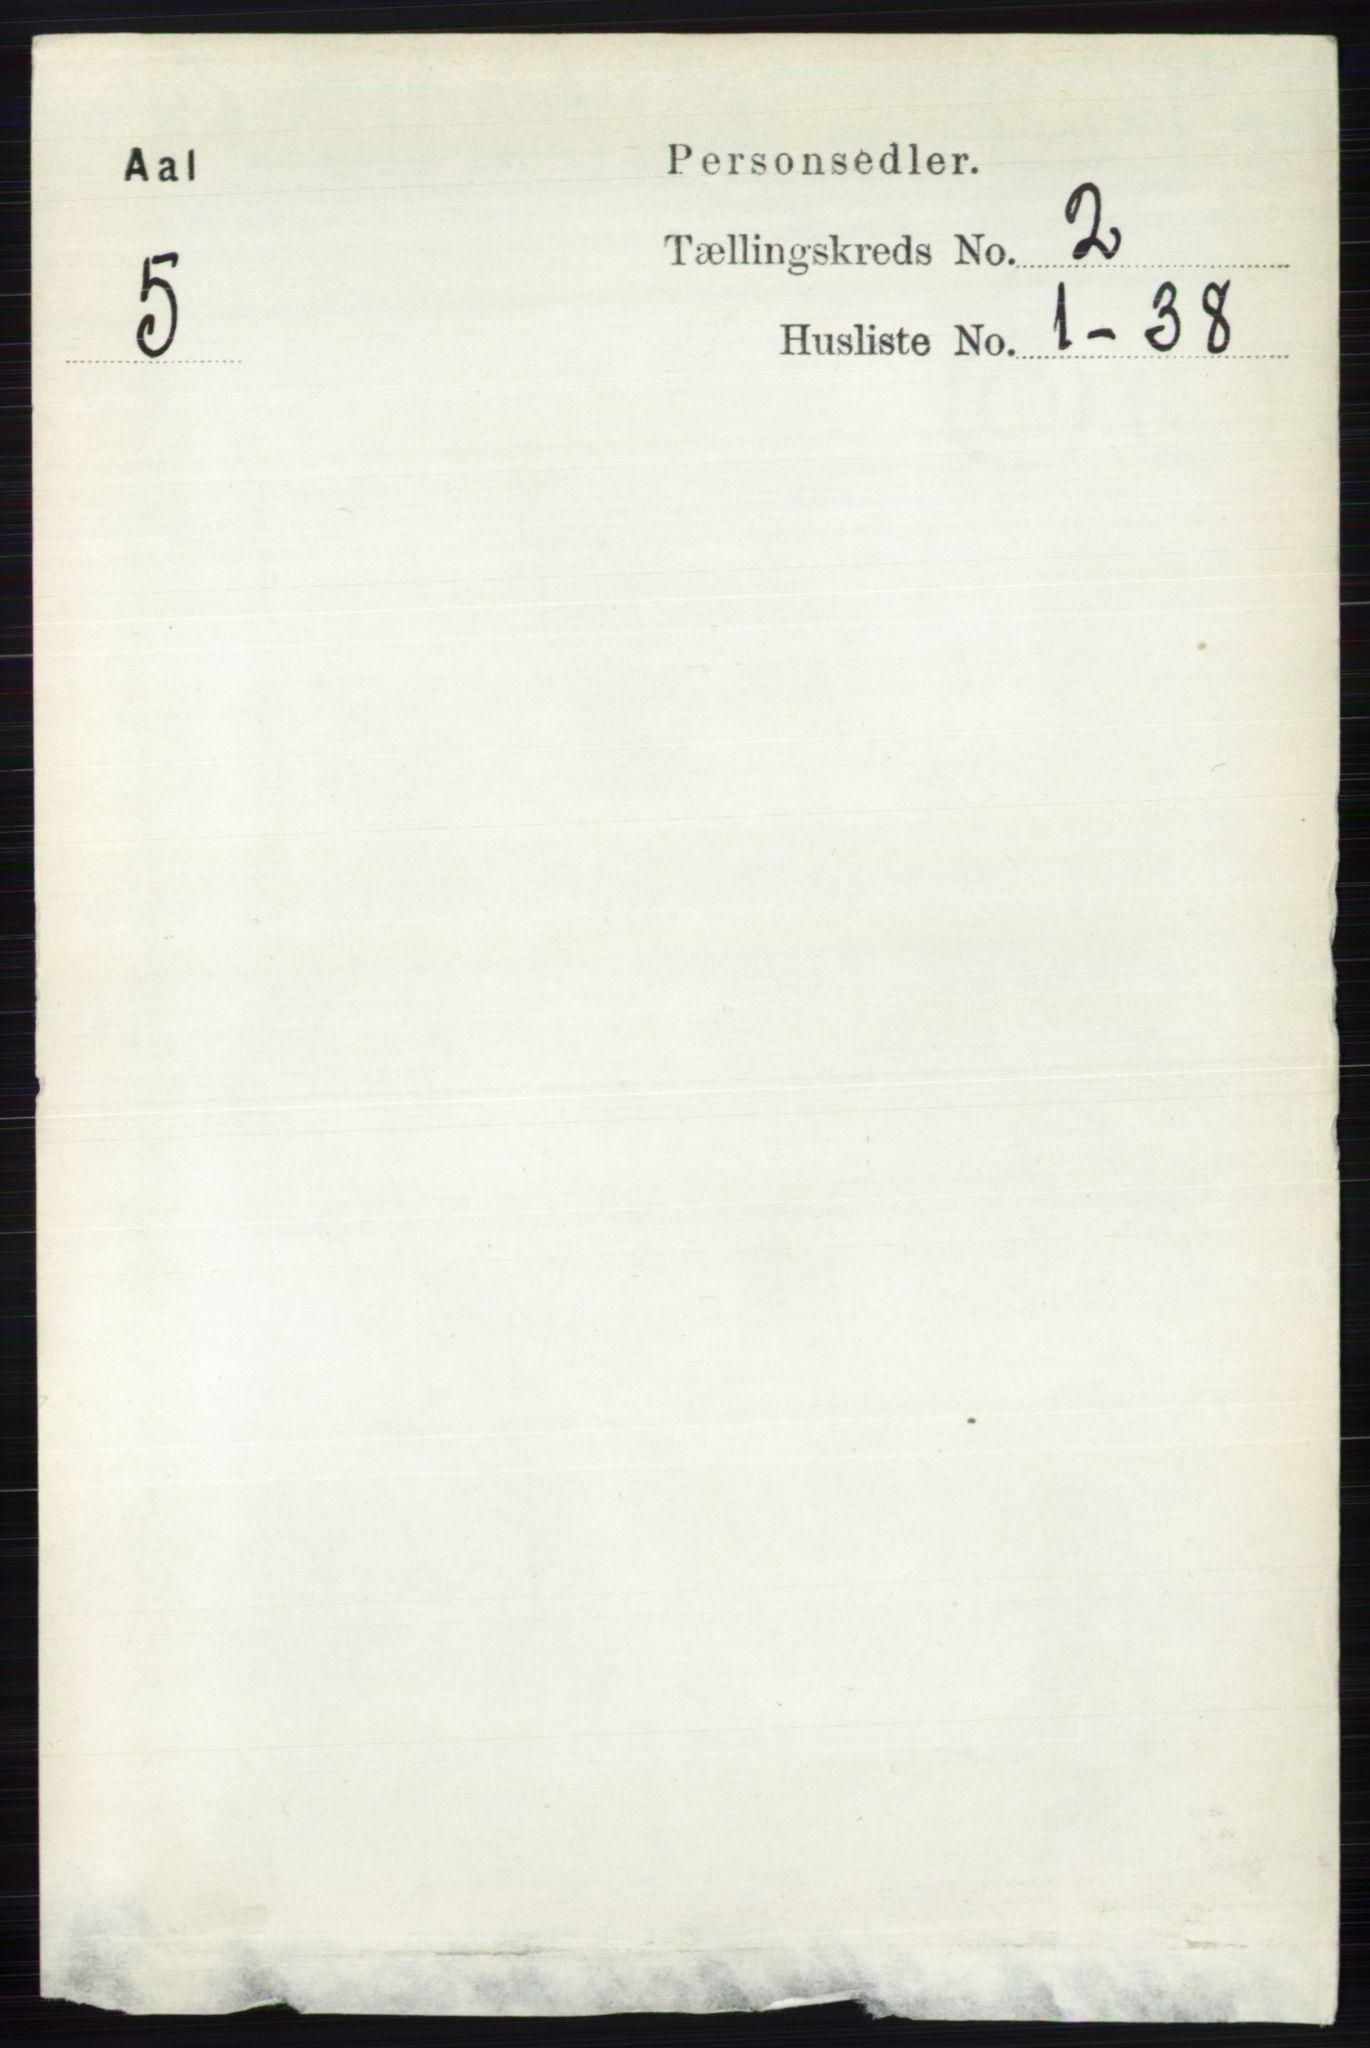 RA, Folketelling 1891 for 0619 Ål herred, 1891, s. 371